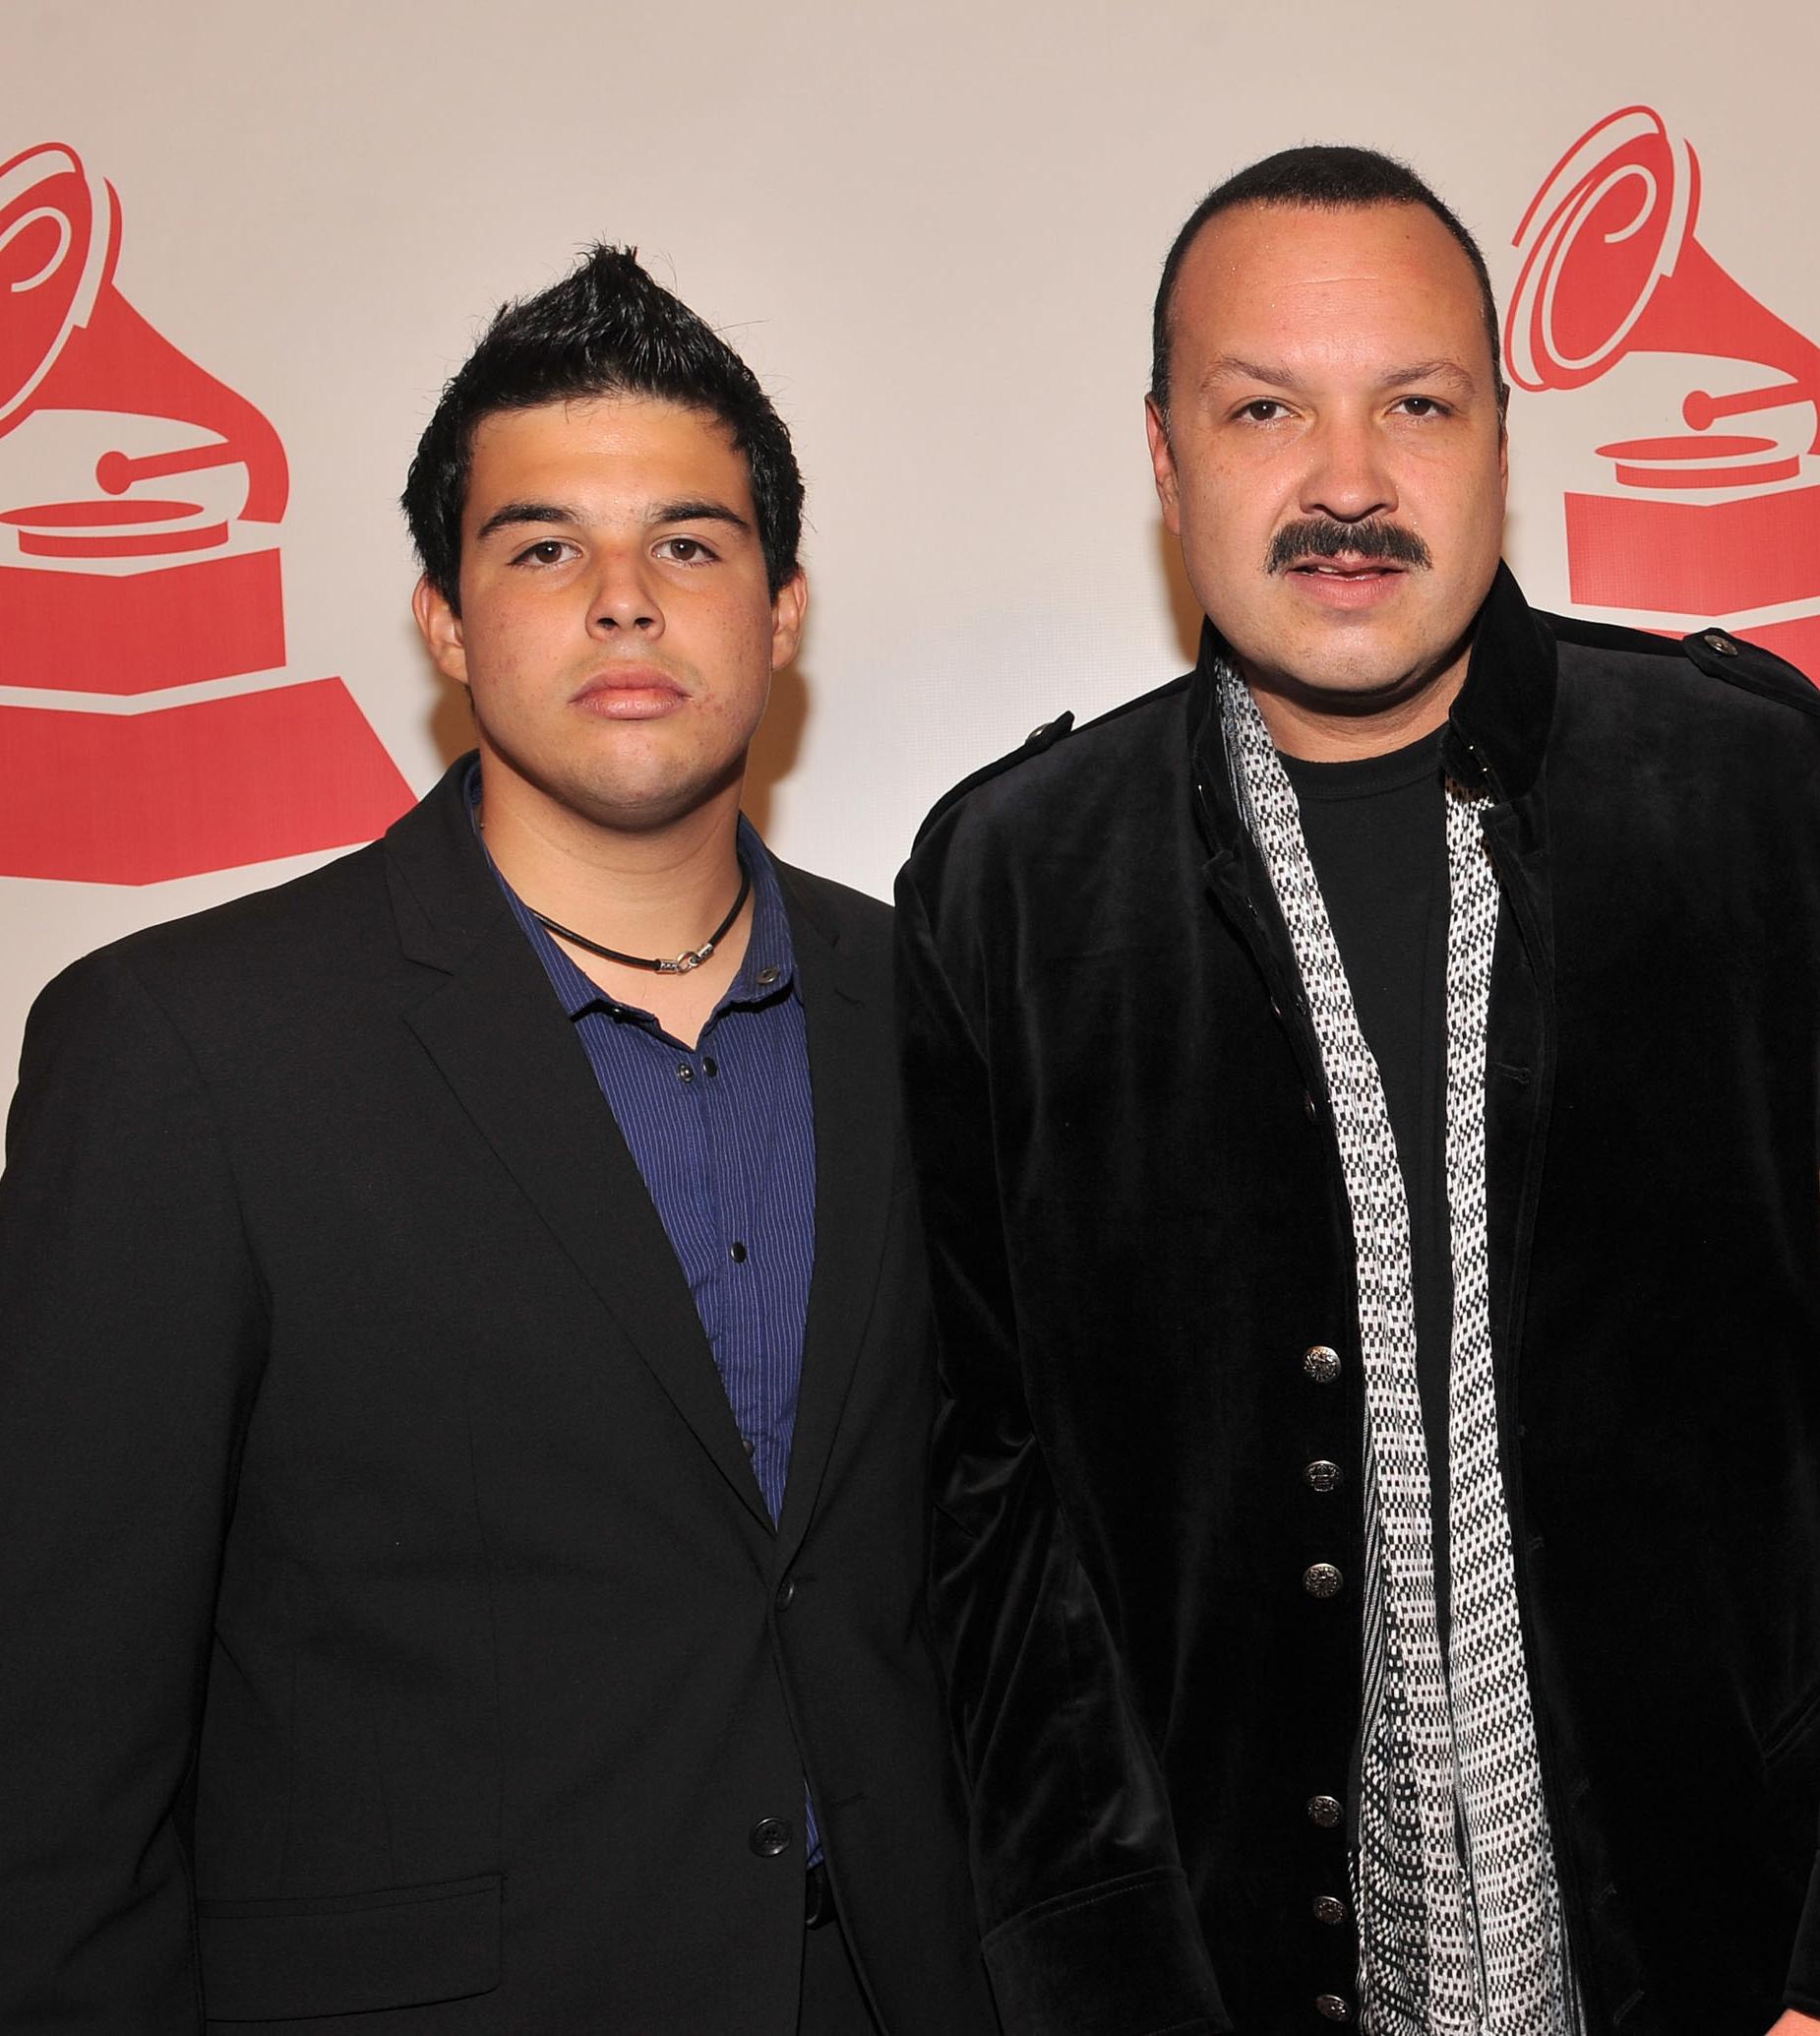 Pepe Aguilar y hijo